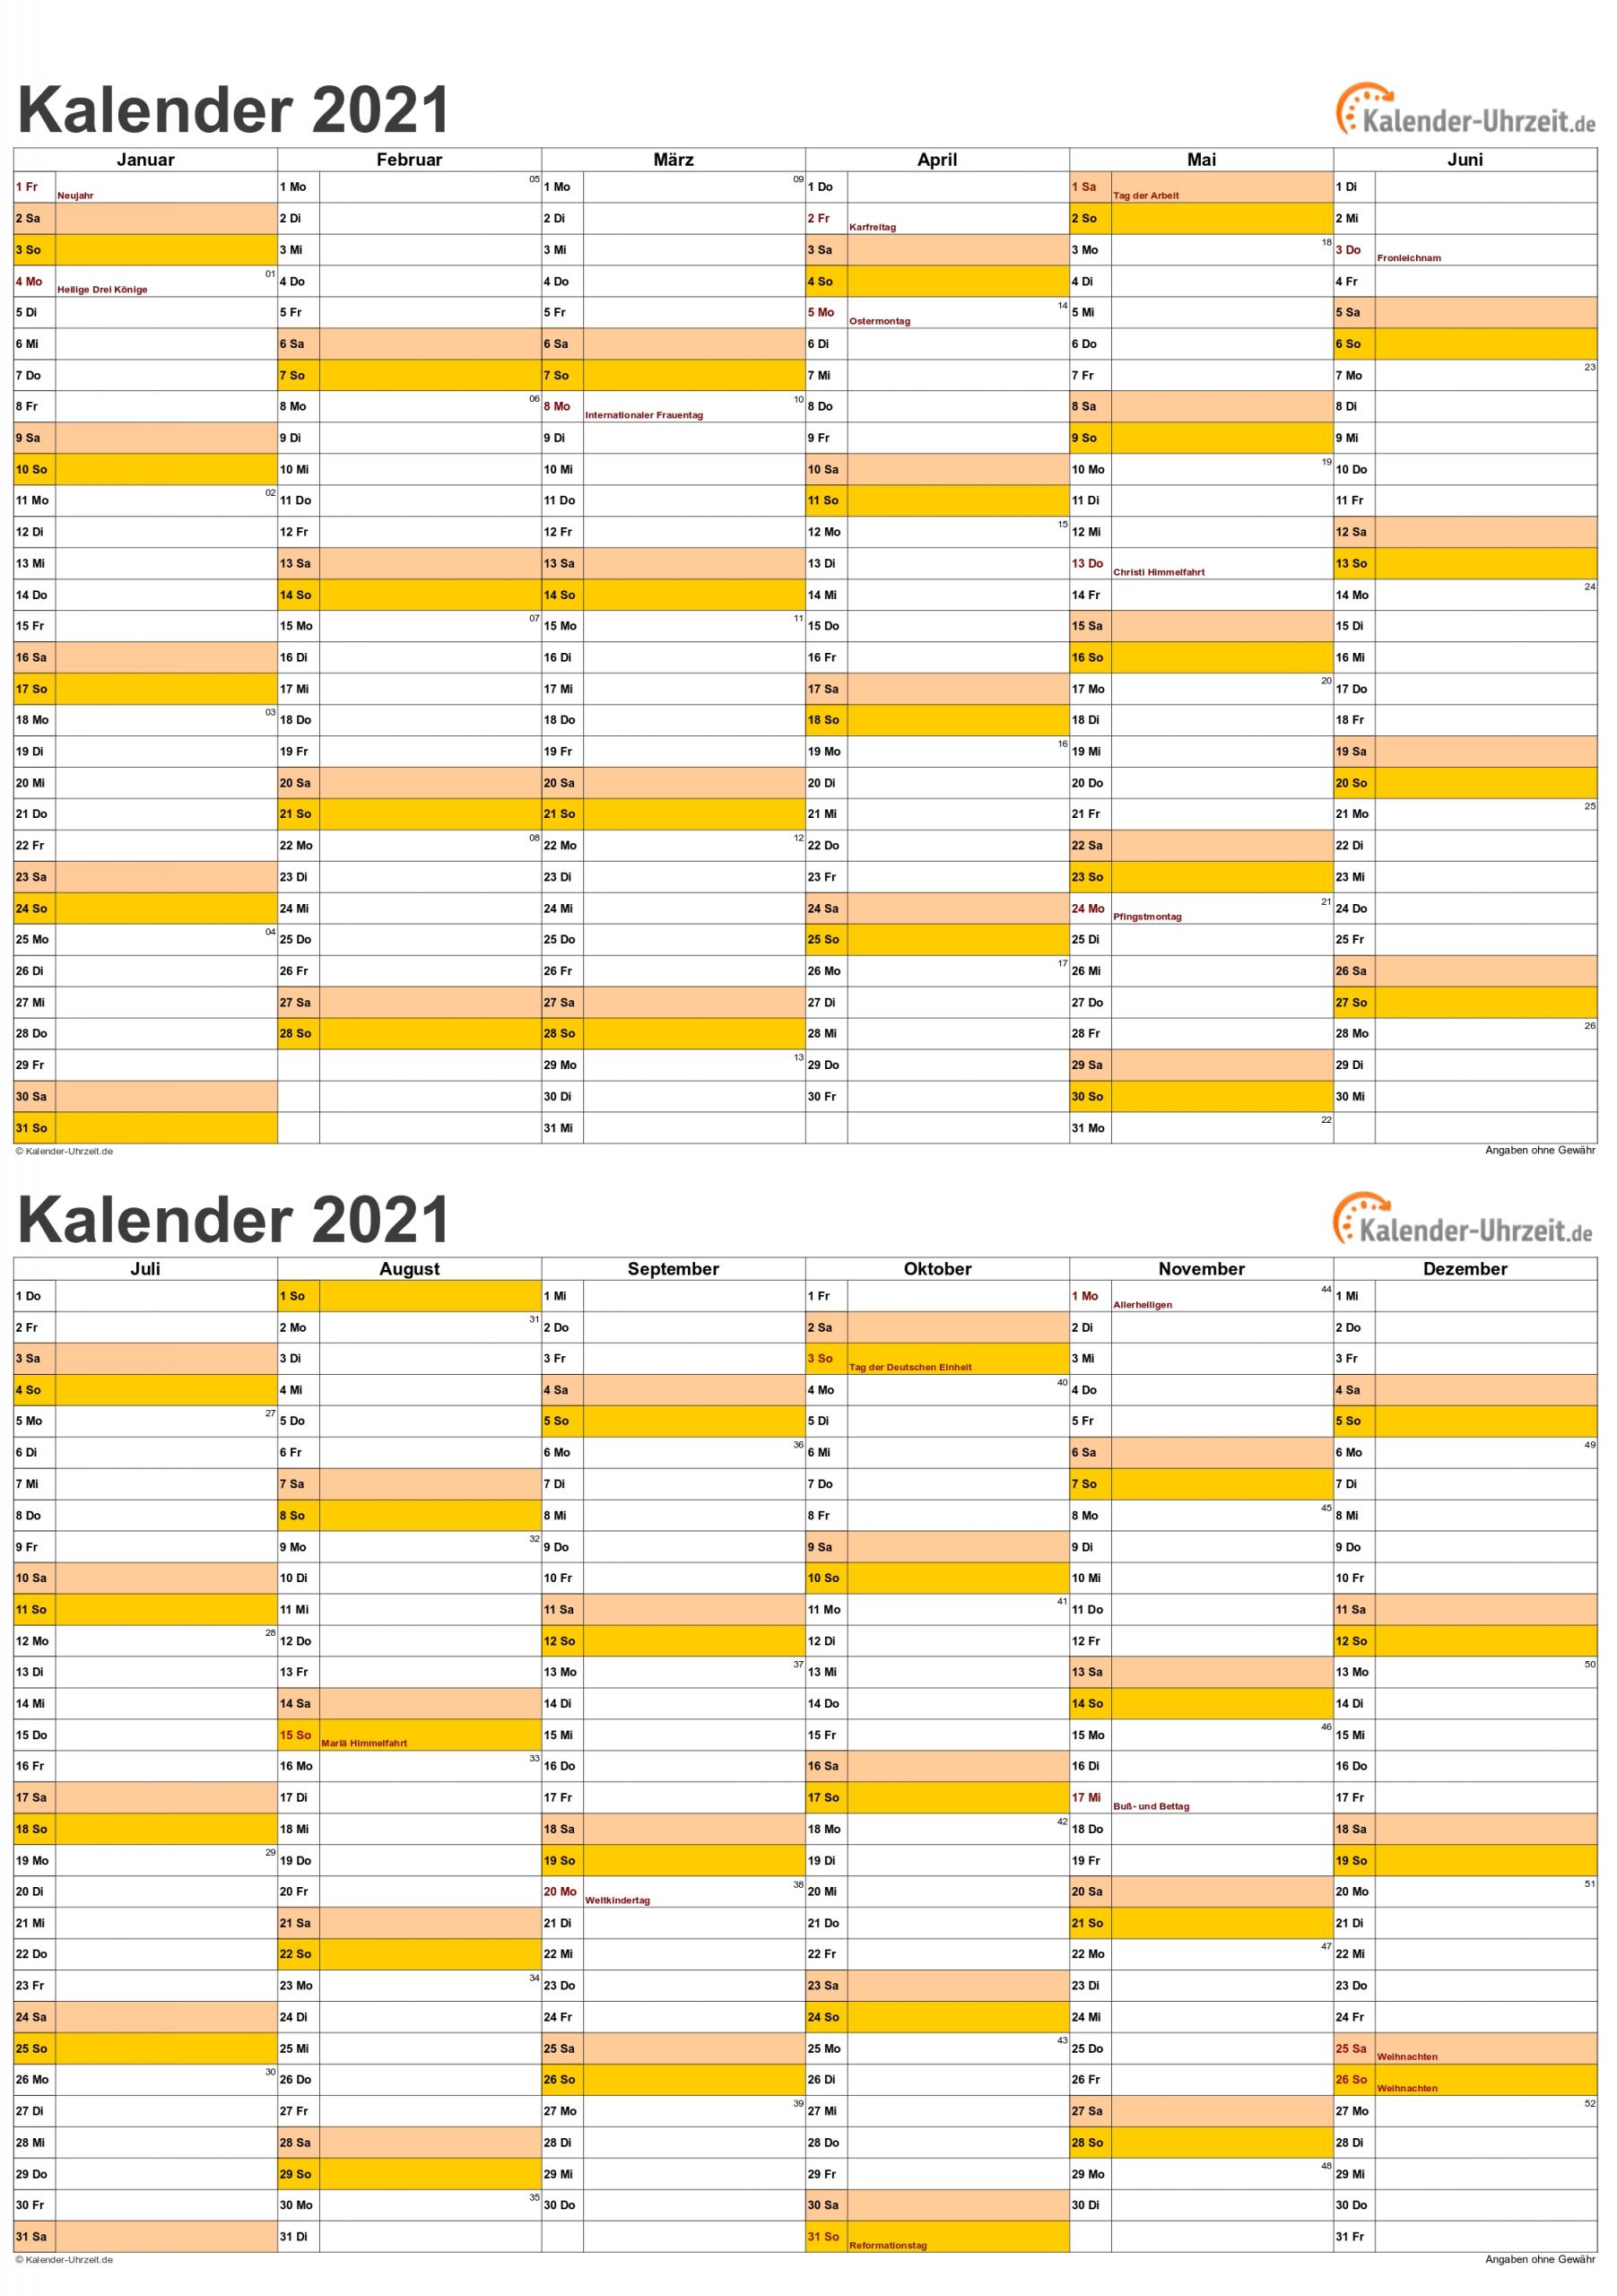 Take Kalender 2021 Zum Ausdrucken Kostenlos Ab Juli